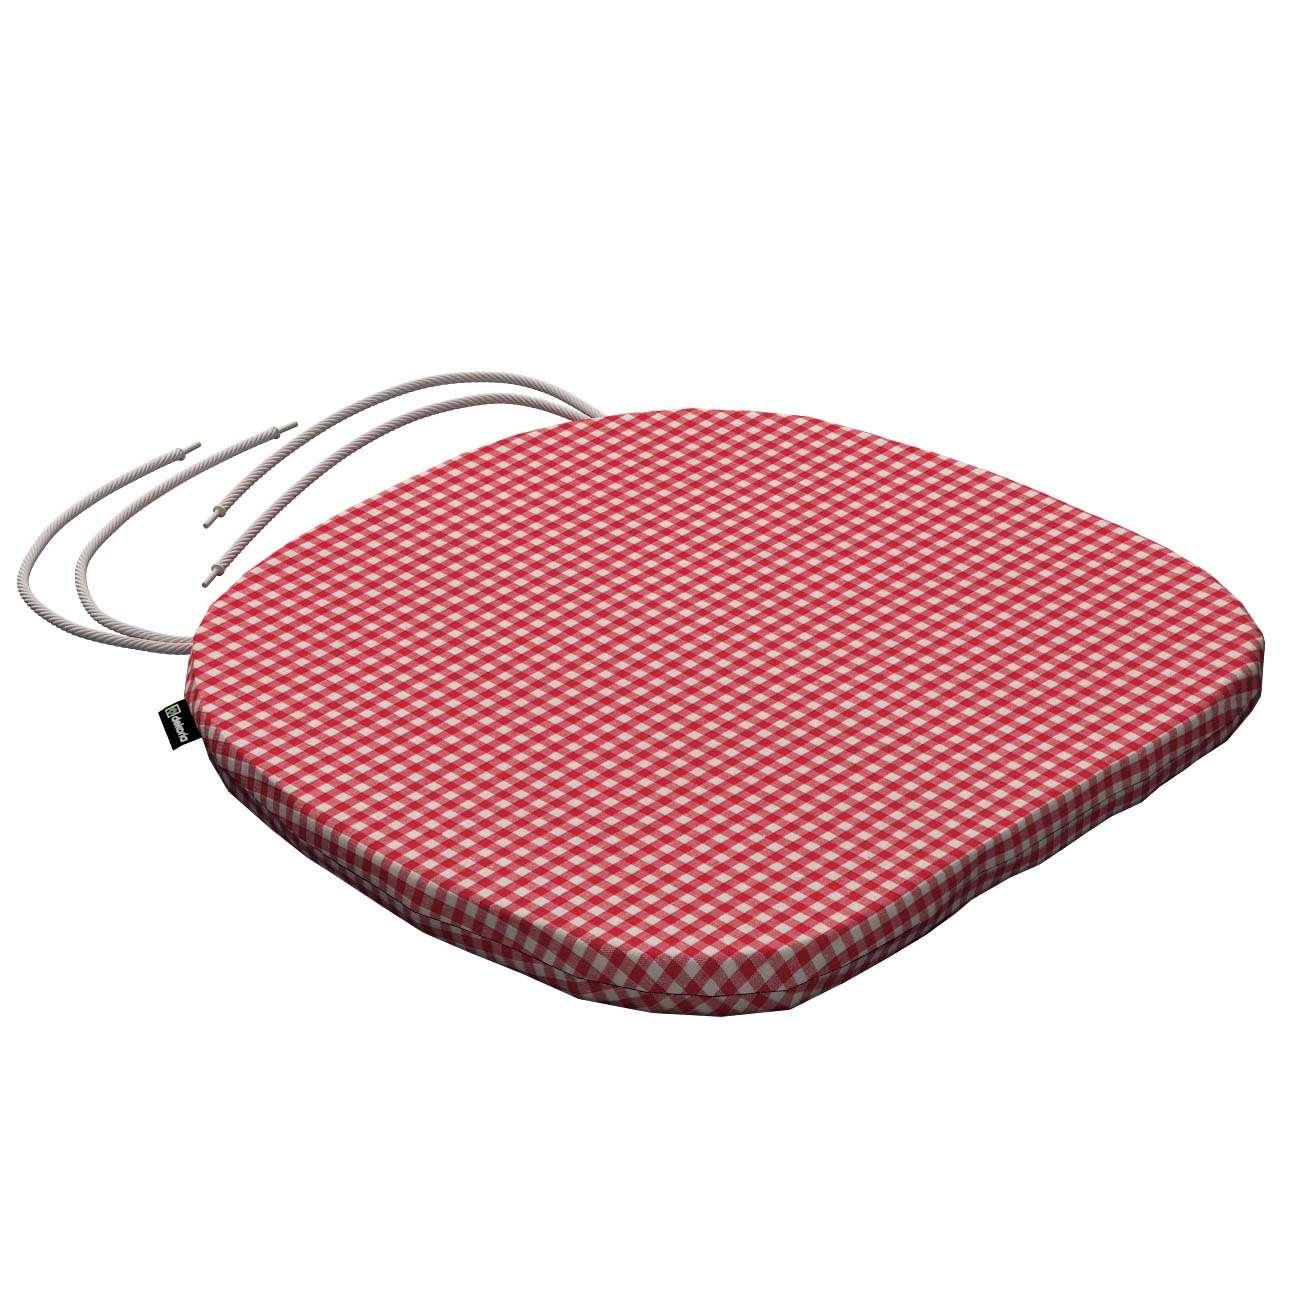 Siedzisko Bartek na krzesło 40x37x2,5cm w kolekcji Quadro, tkanina: 136-15